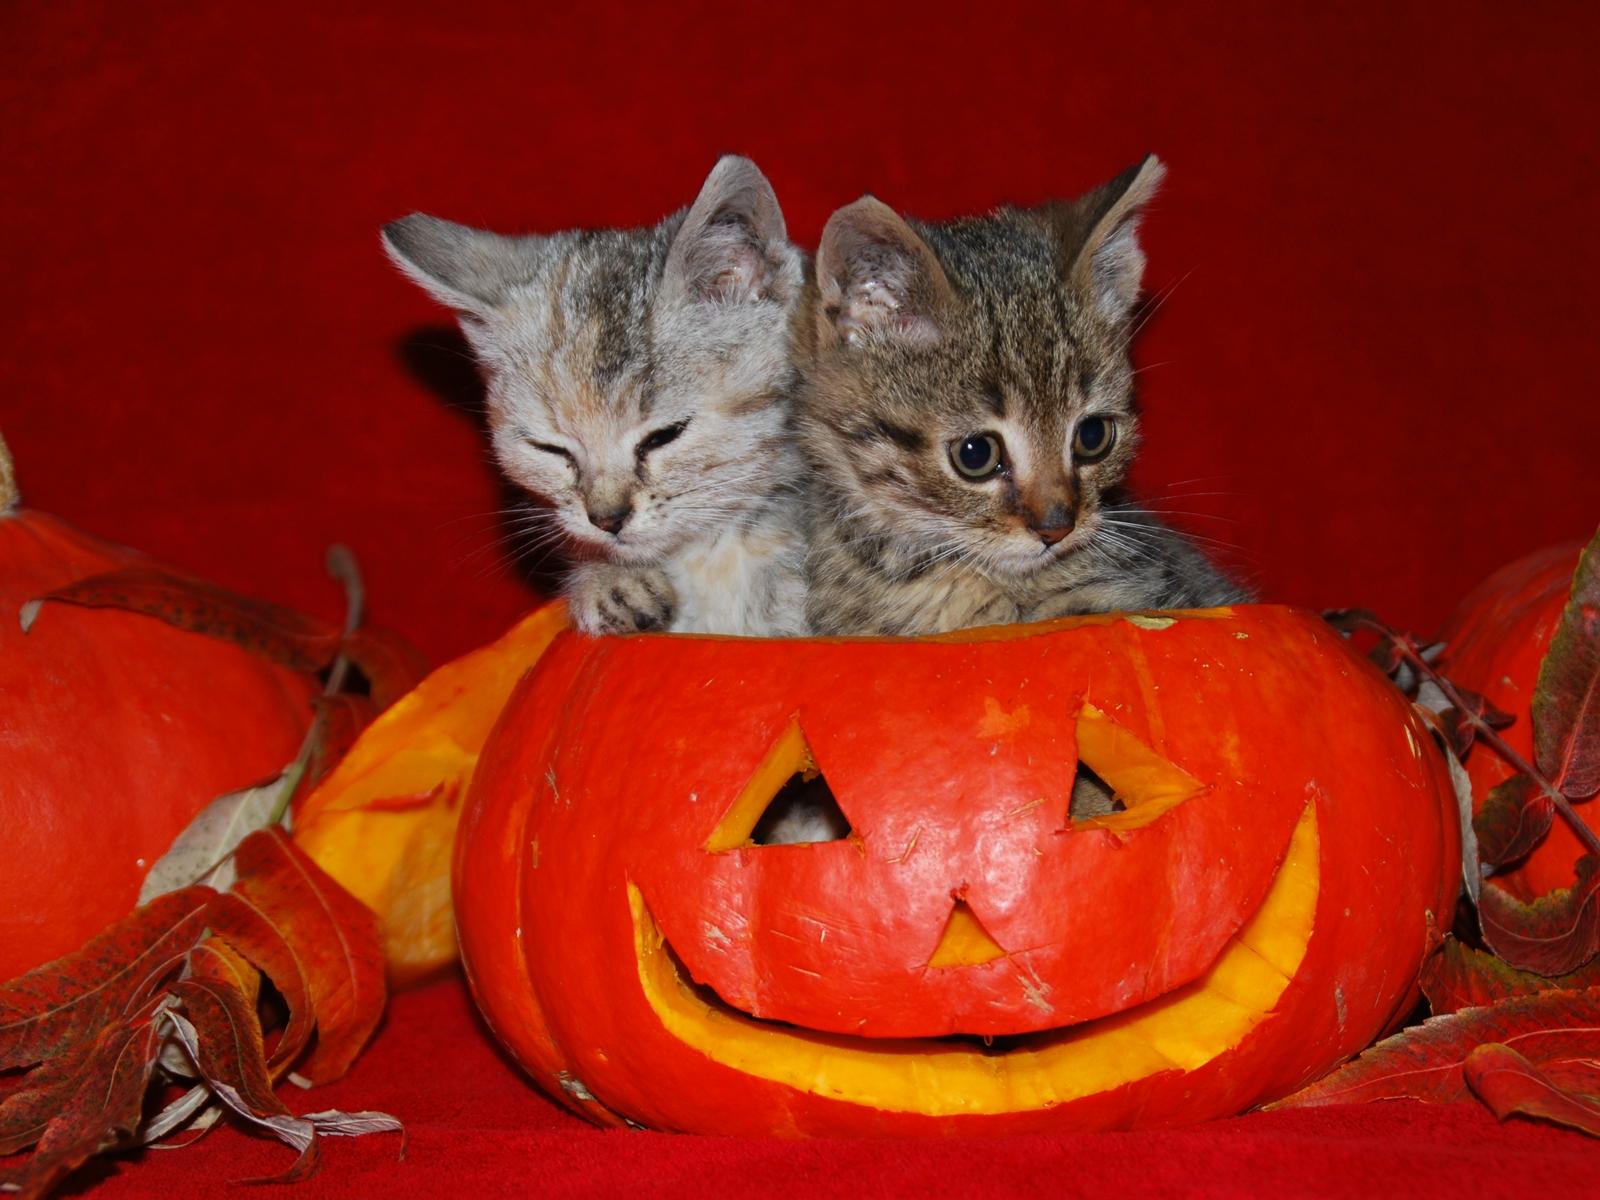 http://3.bp.blogspot.com/-iss28G7_dhc/T-6wWNjcsbI/AAAAAAAAB6c/yx8z7MtMLgs/s1600/halloween-cats-wallpaper.jpg